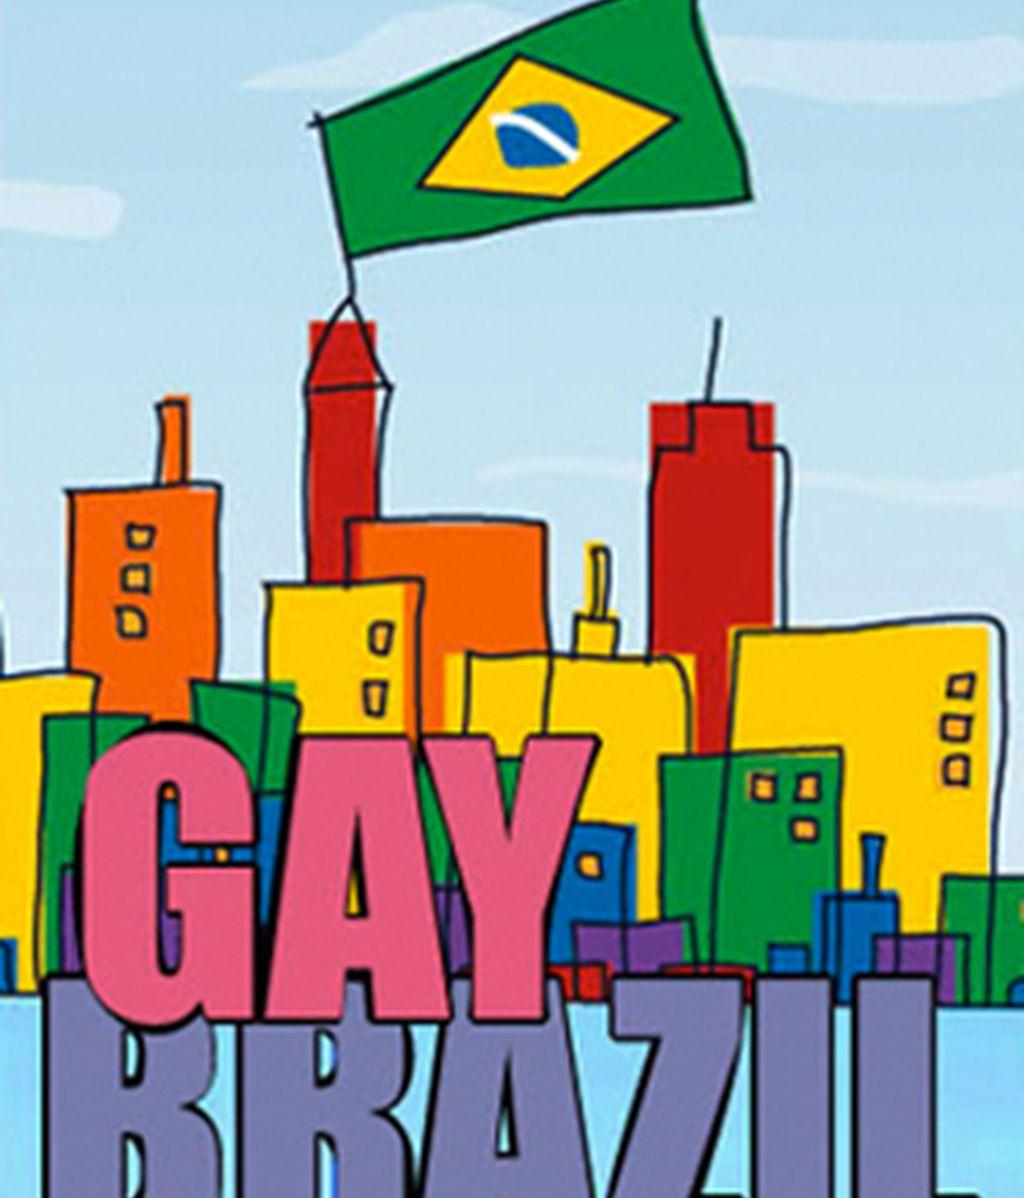 El supremo brasileño aprobó reconocer los mismos derechos a las parejas entre personas del mismo sexo.